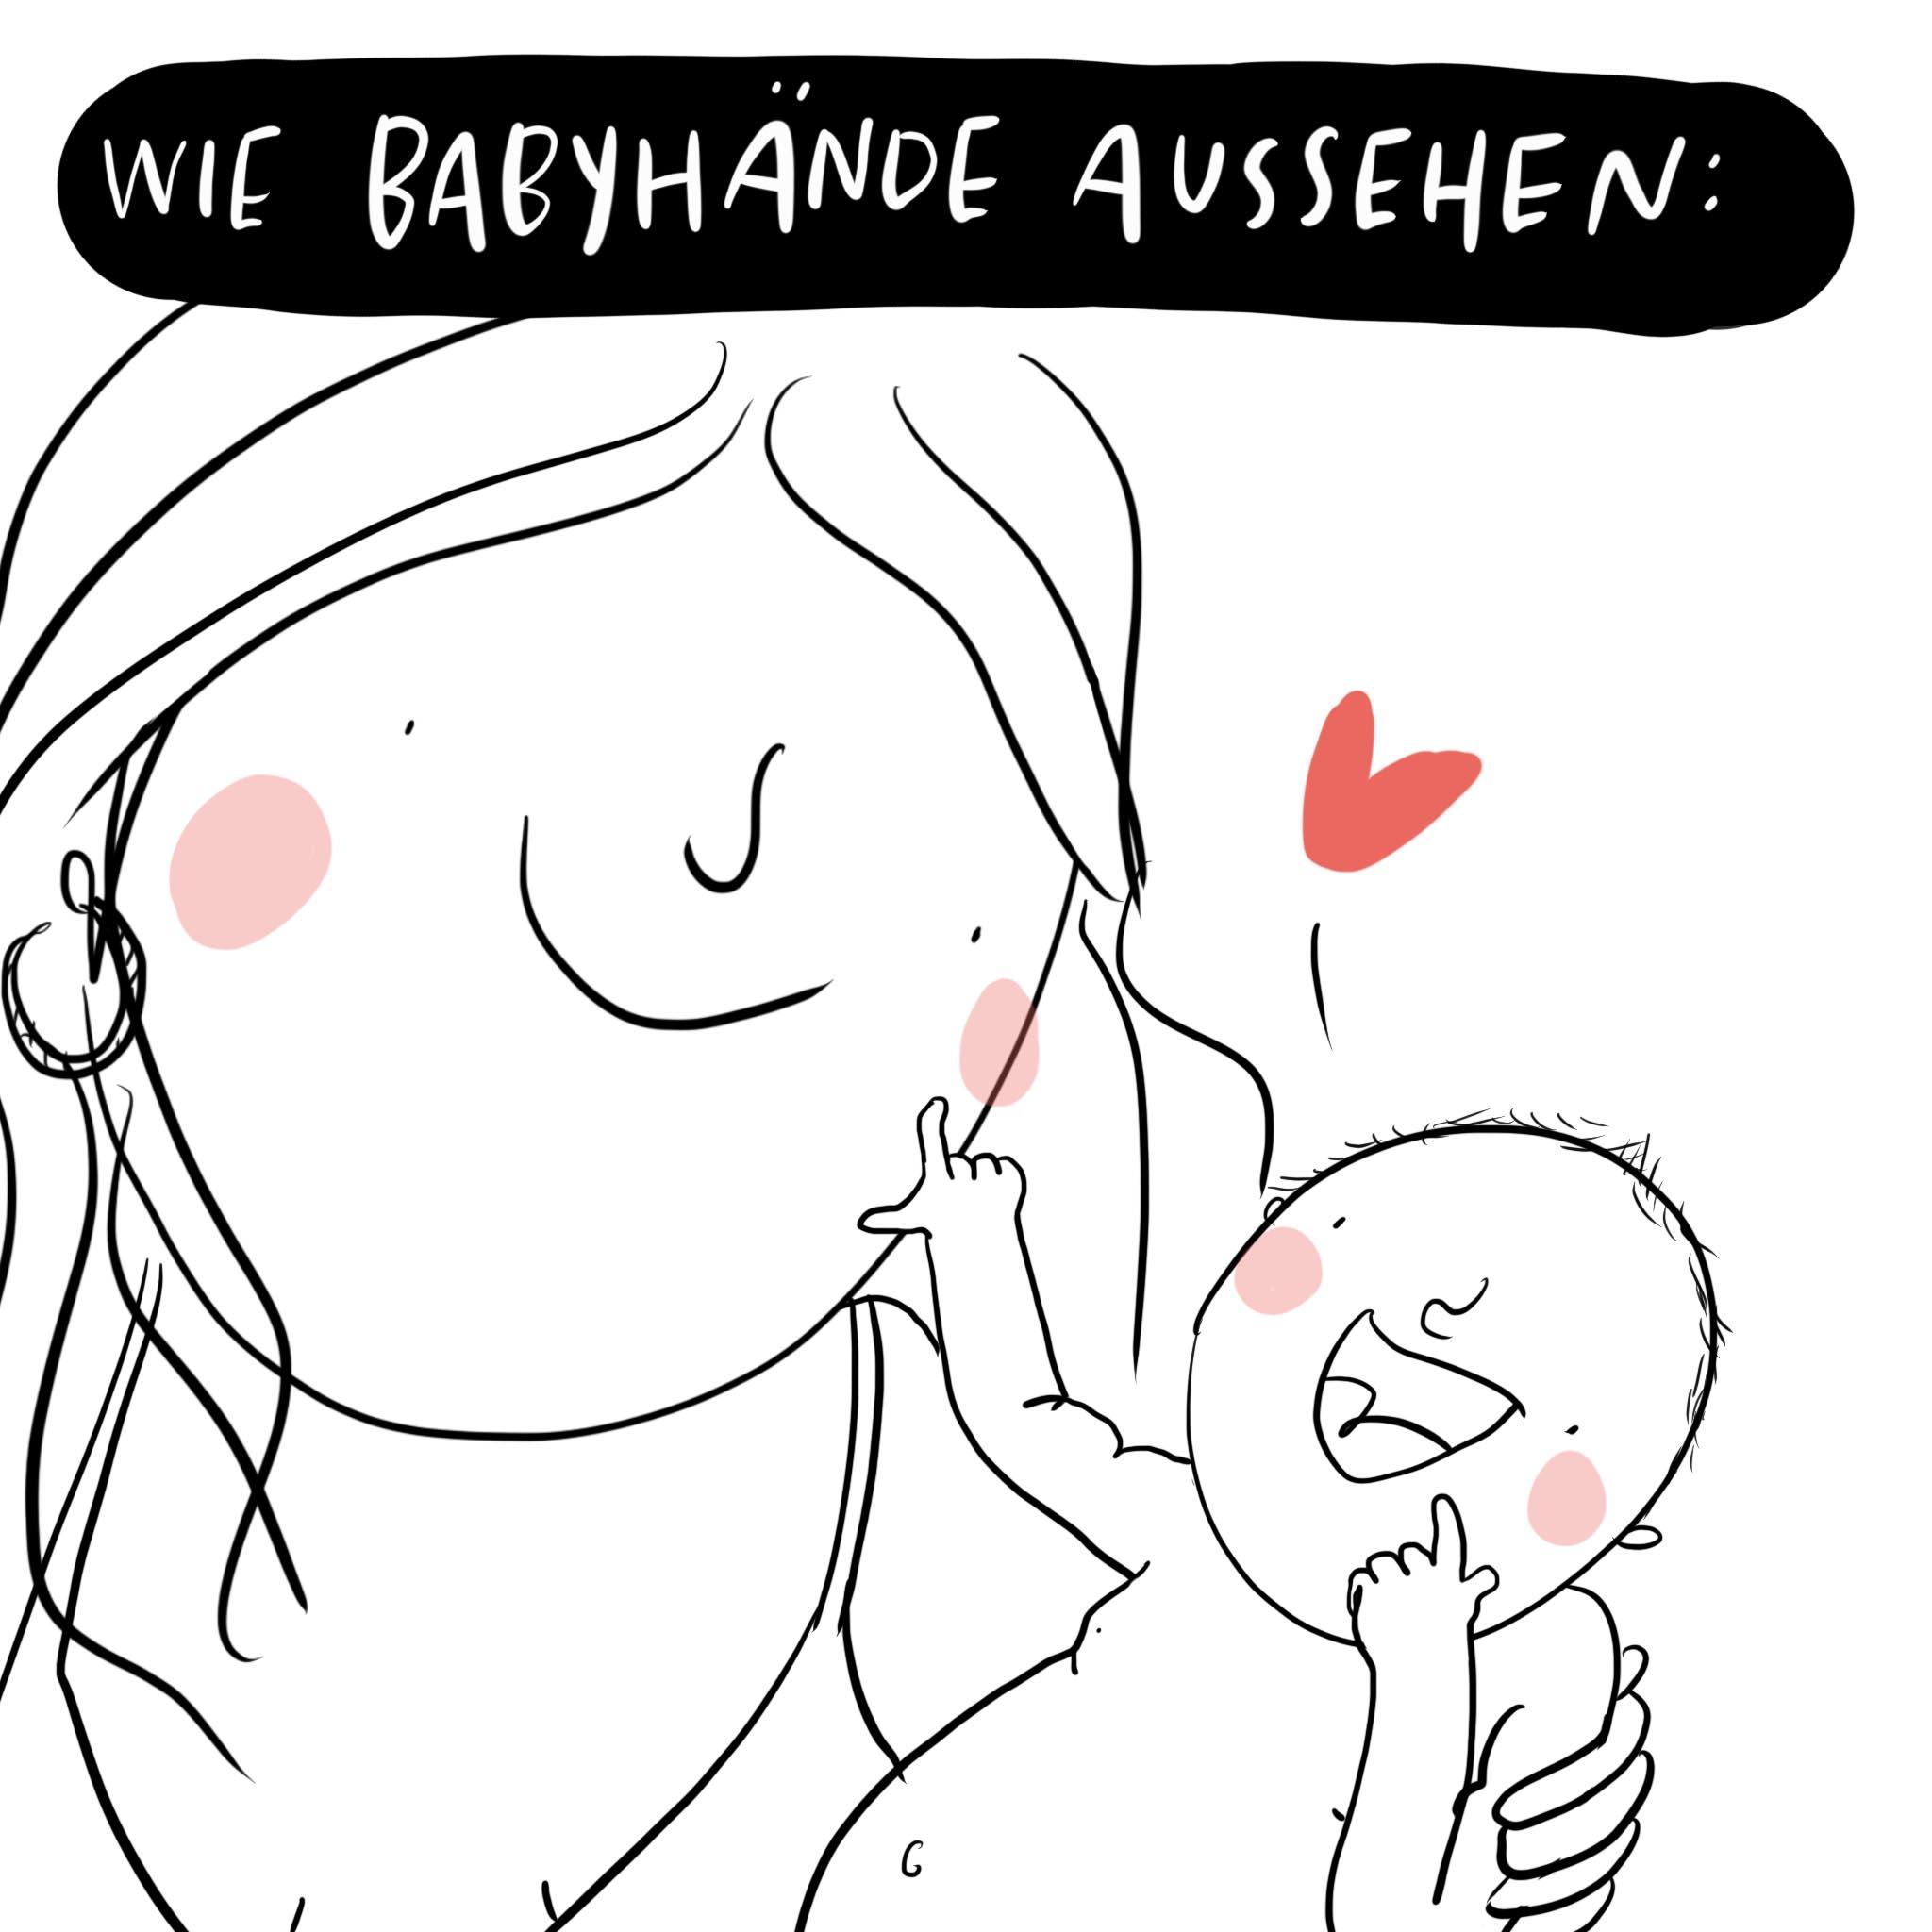 babyhände_frolleinmotte_01.jpg